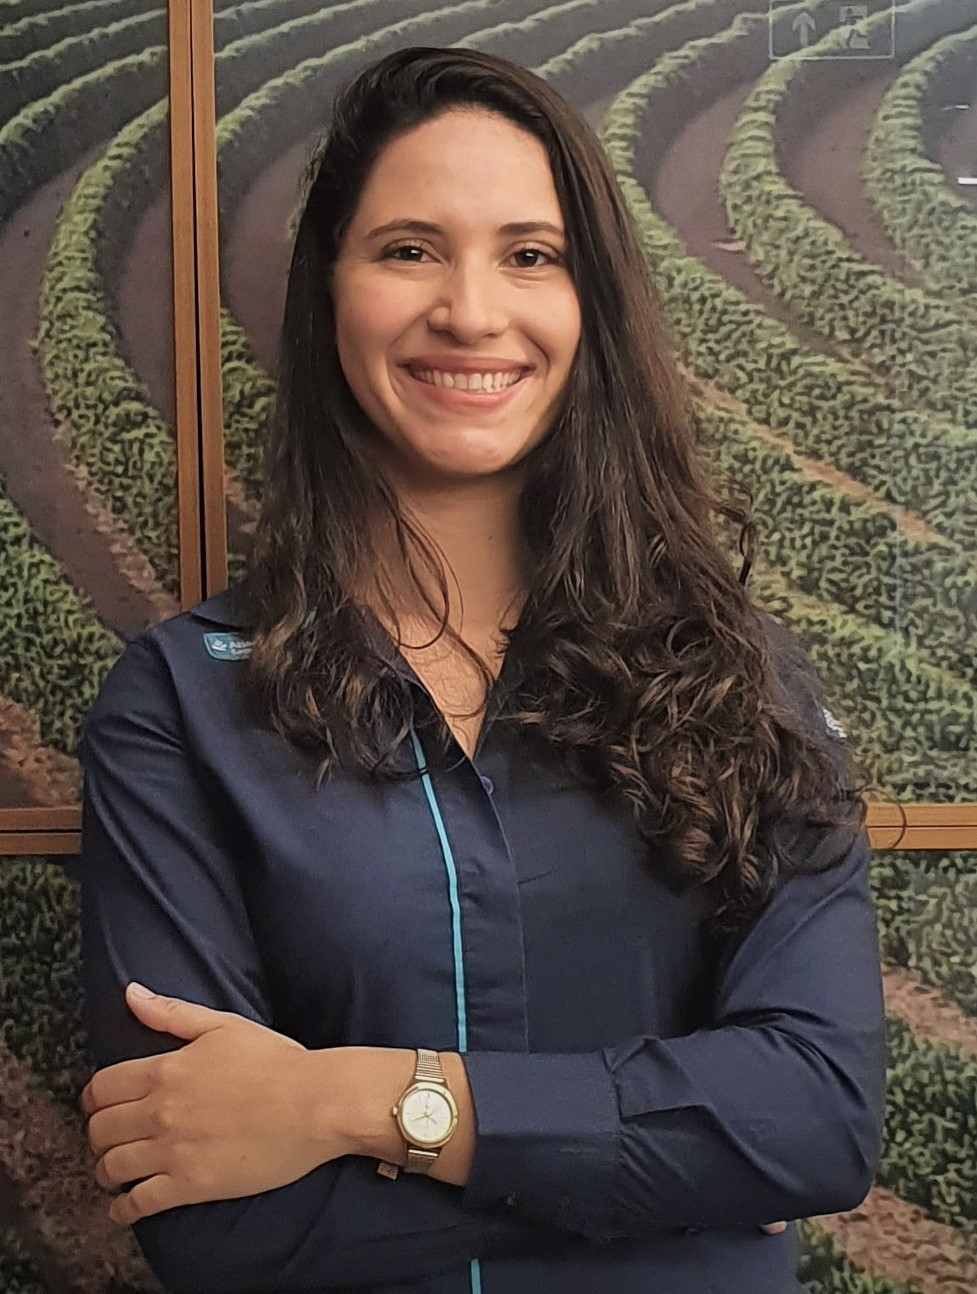 Ana Prado